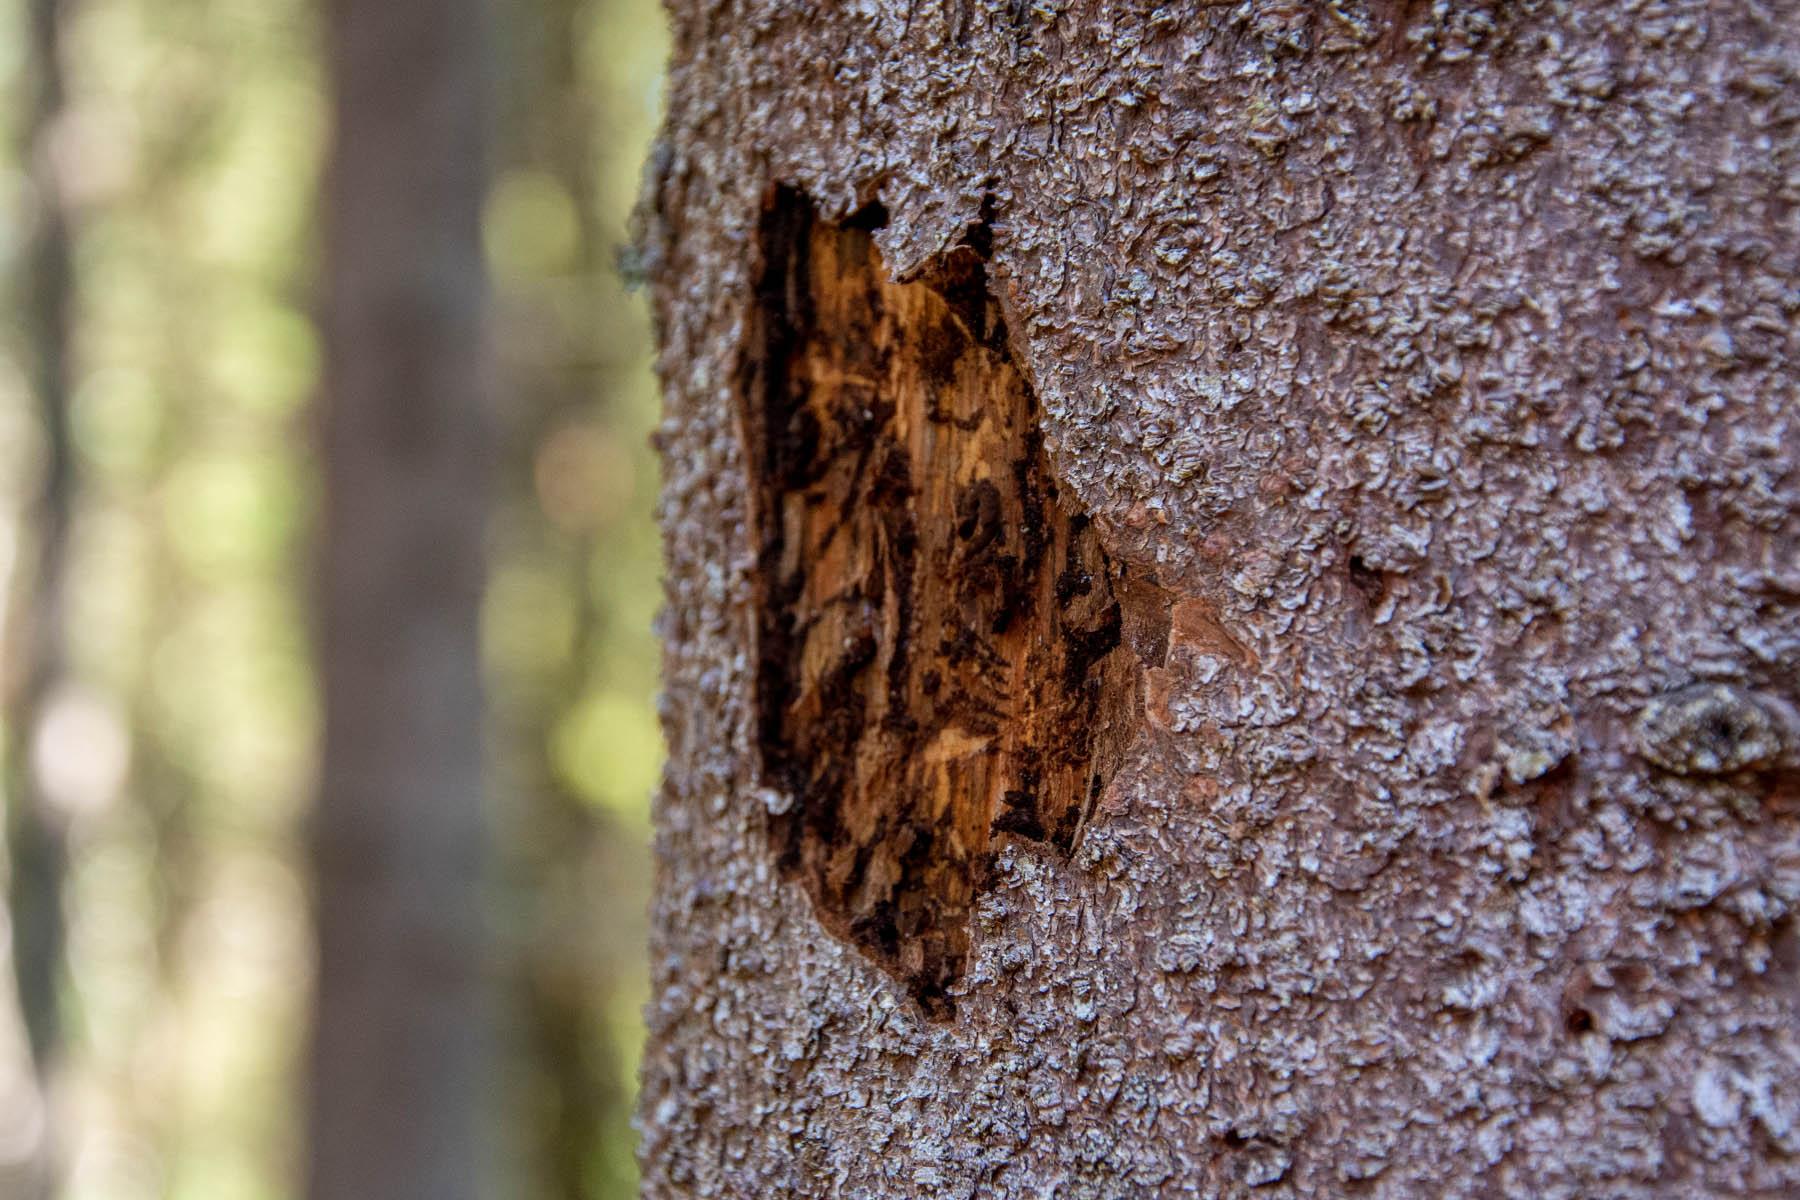 Uppdatering om barkborresituationen